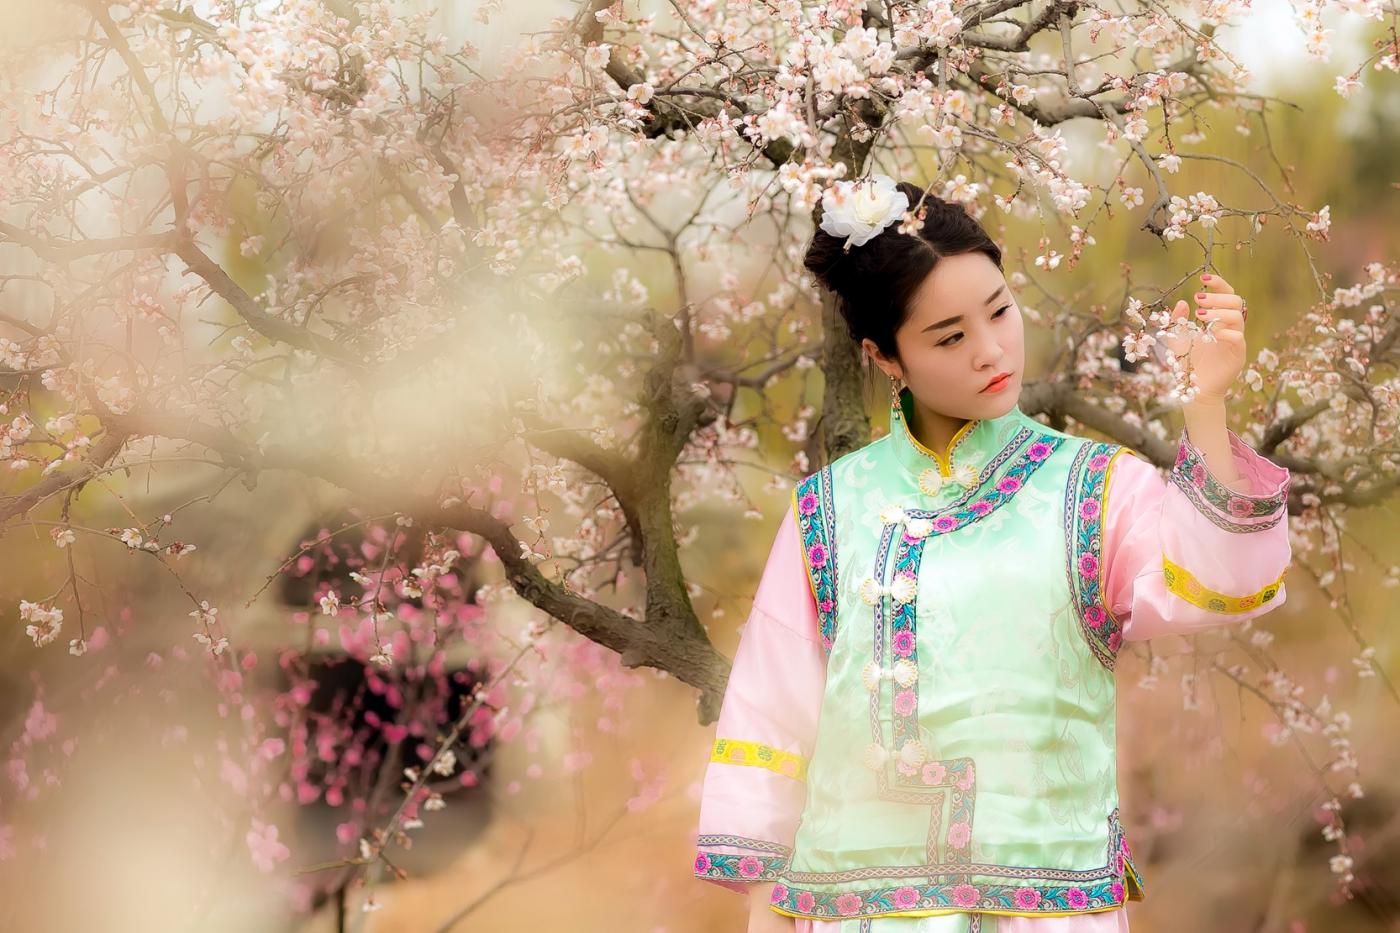 沂水雪山梅园走来一群赏梅踏春的沂蒙女孩 摄影人和女孩们成为梅园一道亮丽的风景线 ..._图1-3